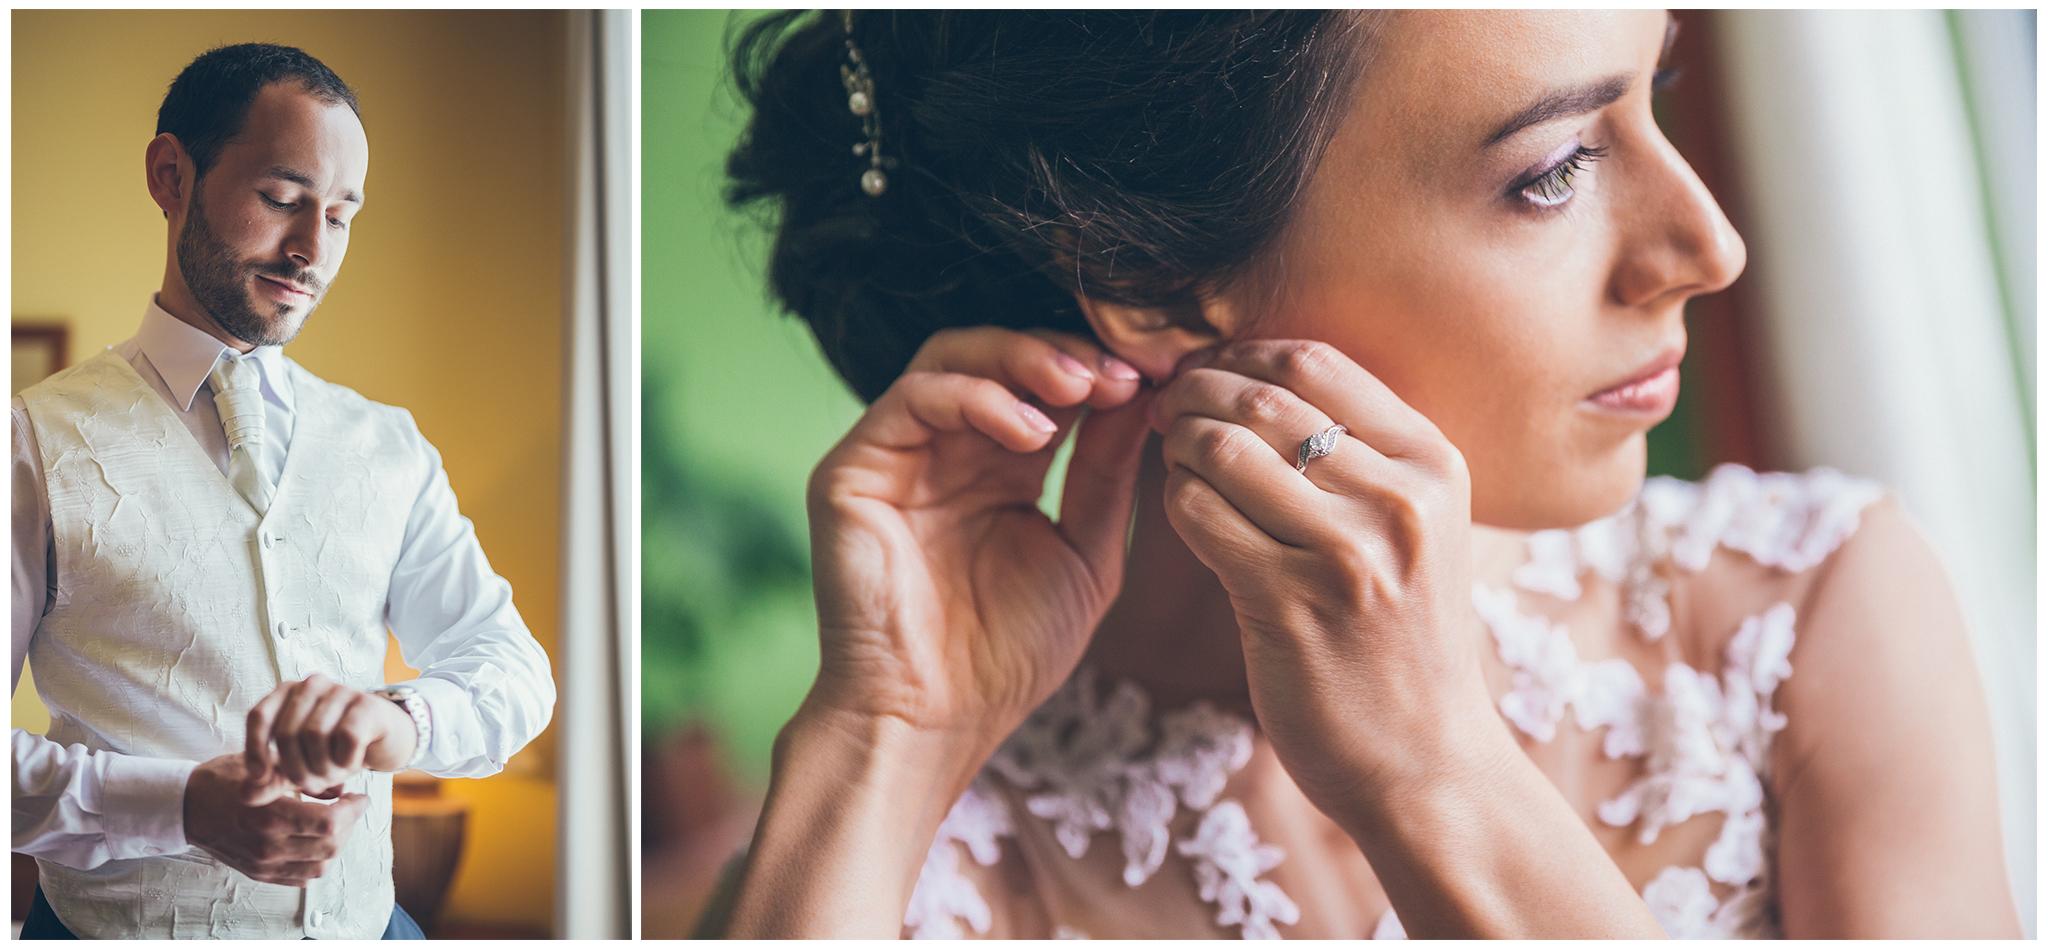 FylepPhoto, esküvőfotós, esküvői fotós Körmend, Szombathely, esküvőfotózás, magyarország, vas megye, prémium, jegyesfotózás, Fülöp Péter, körmend, kreatív, fotográfus_012.jpg